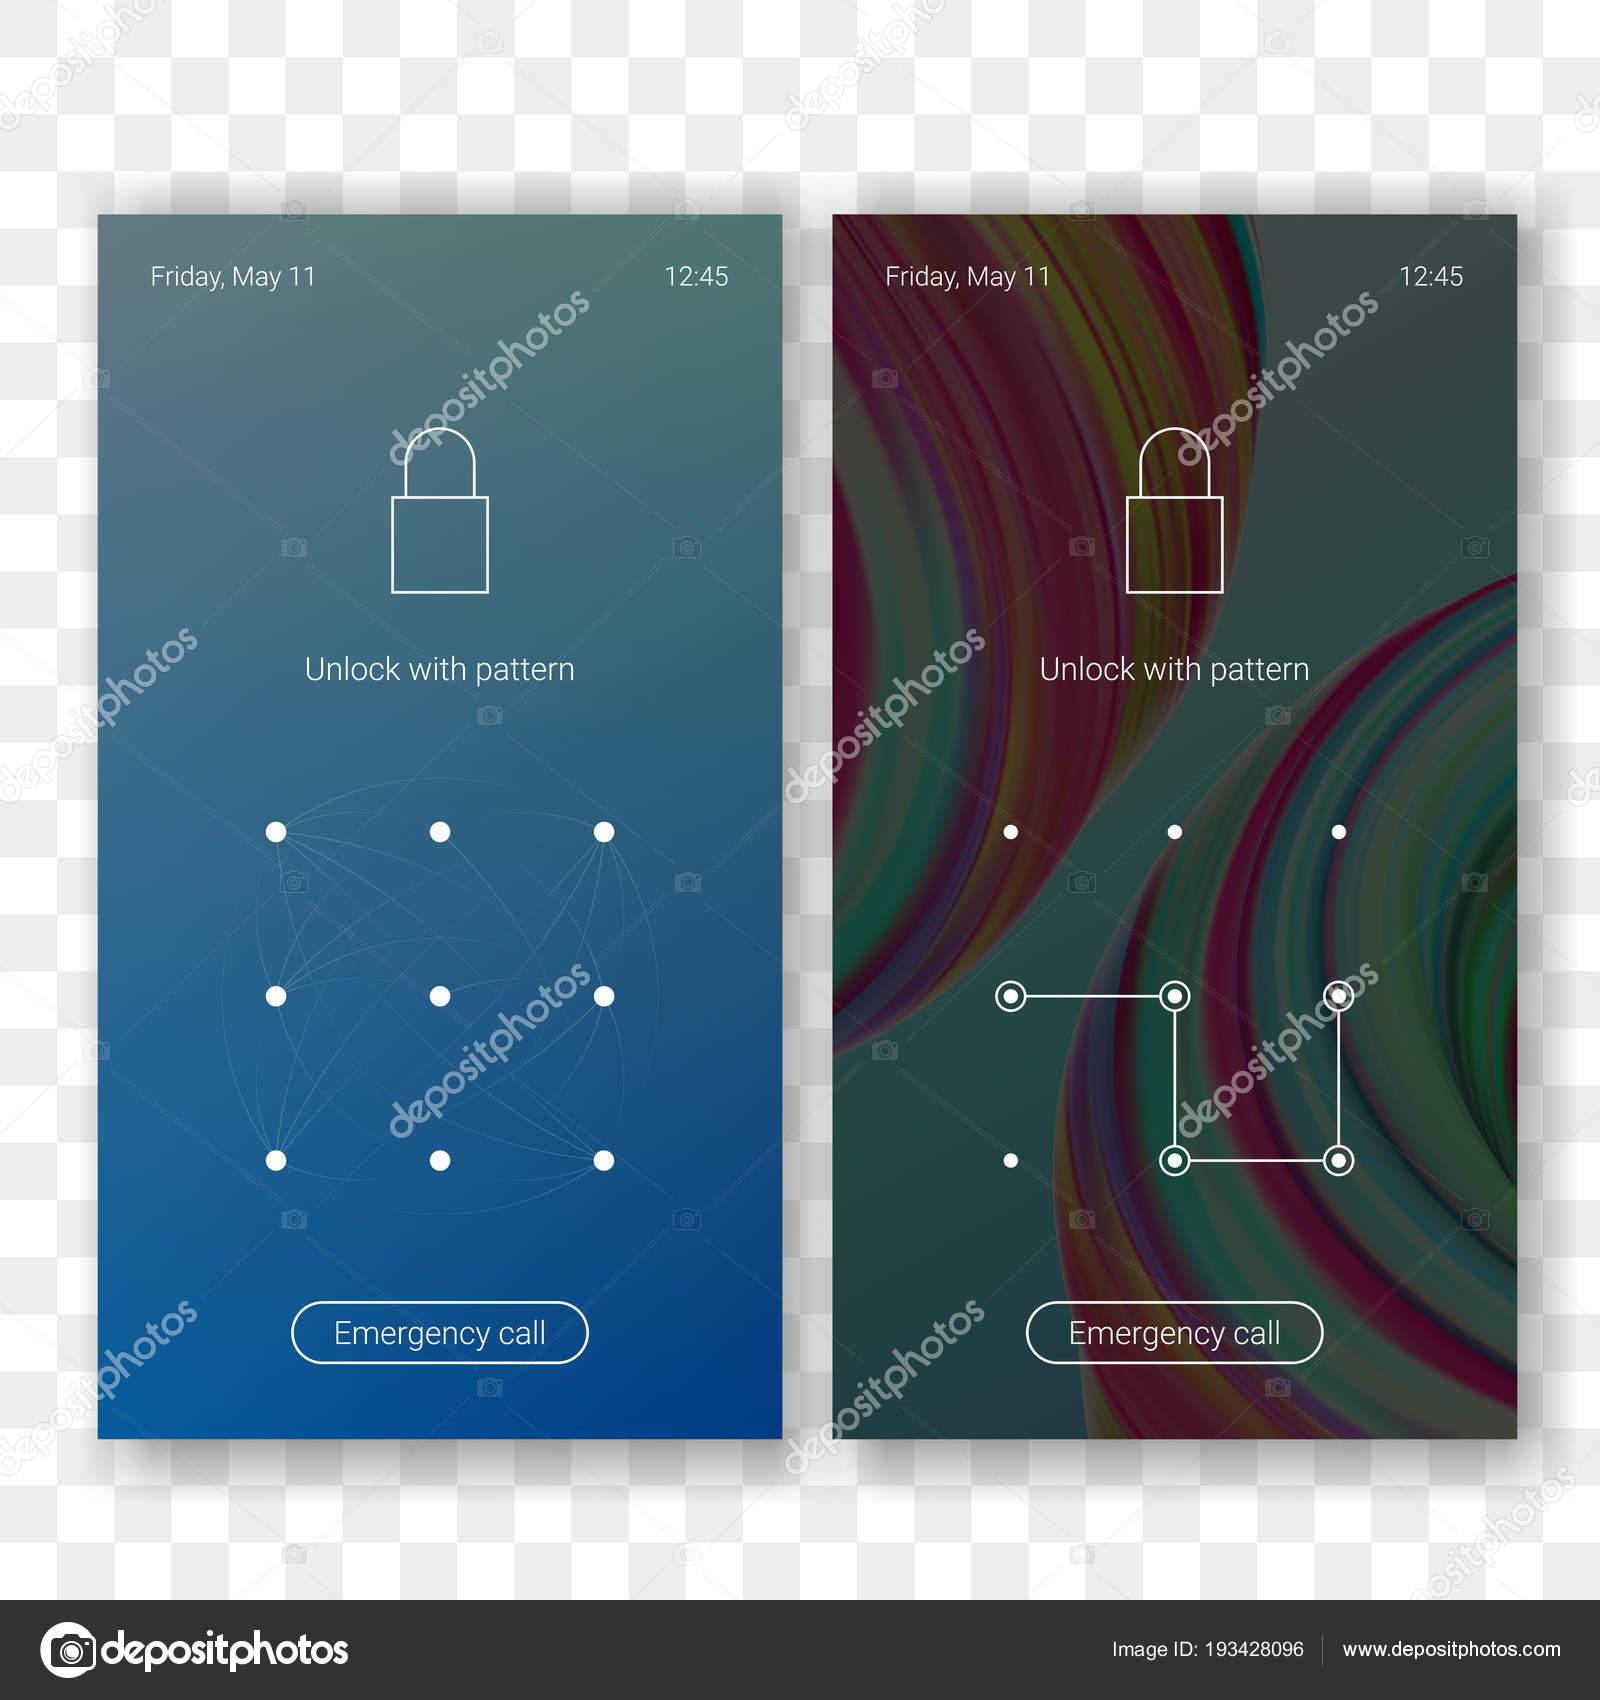 bildschirm sperren muster passwort hintergrundvorlage auf smartphone display vektor bildschirmsperre id erkennung mit muster passwort auf lockscreen - Muster Passwort